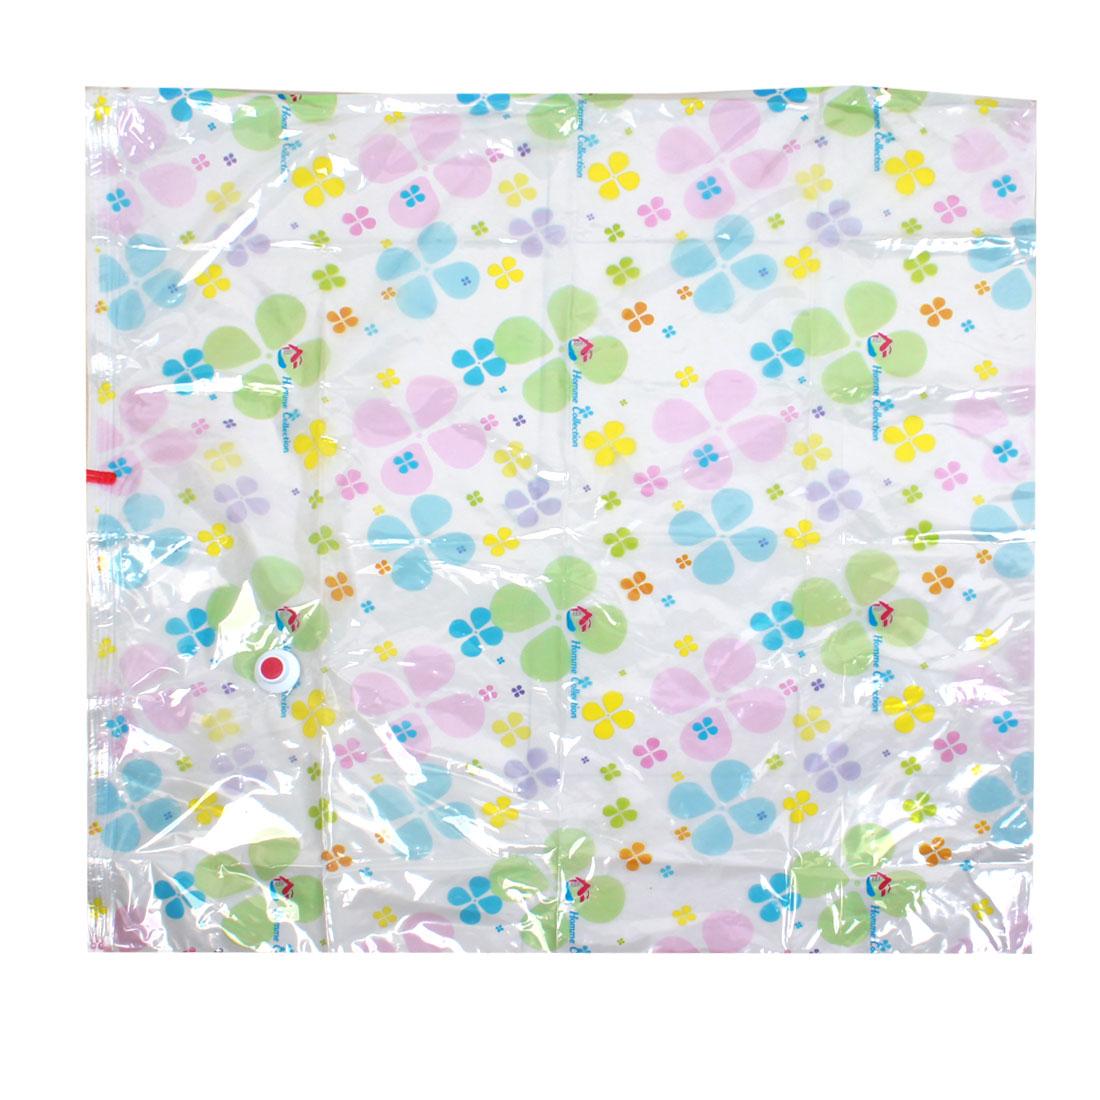 Multicolor Clover Prints PVC Waterproof Quilt Clothes Compress Vacuum Sealed Storage Bag 100x100cm